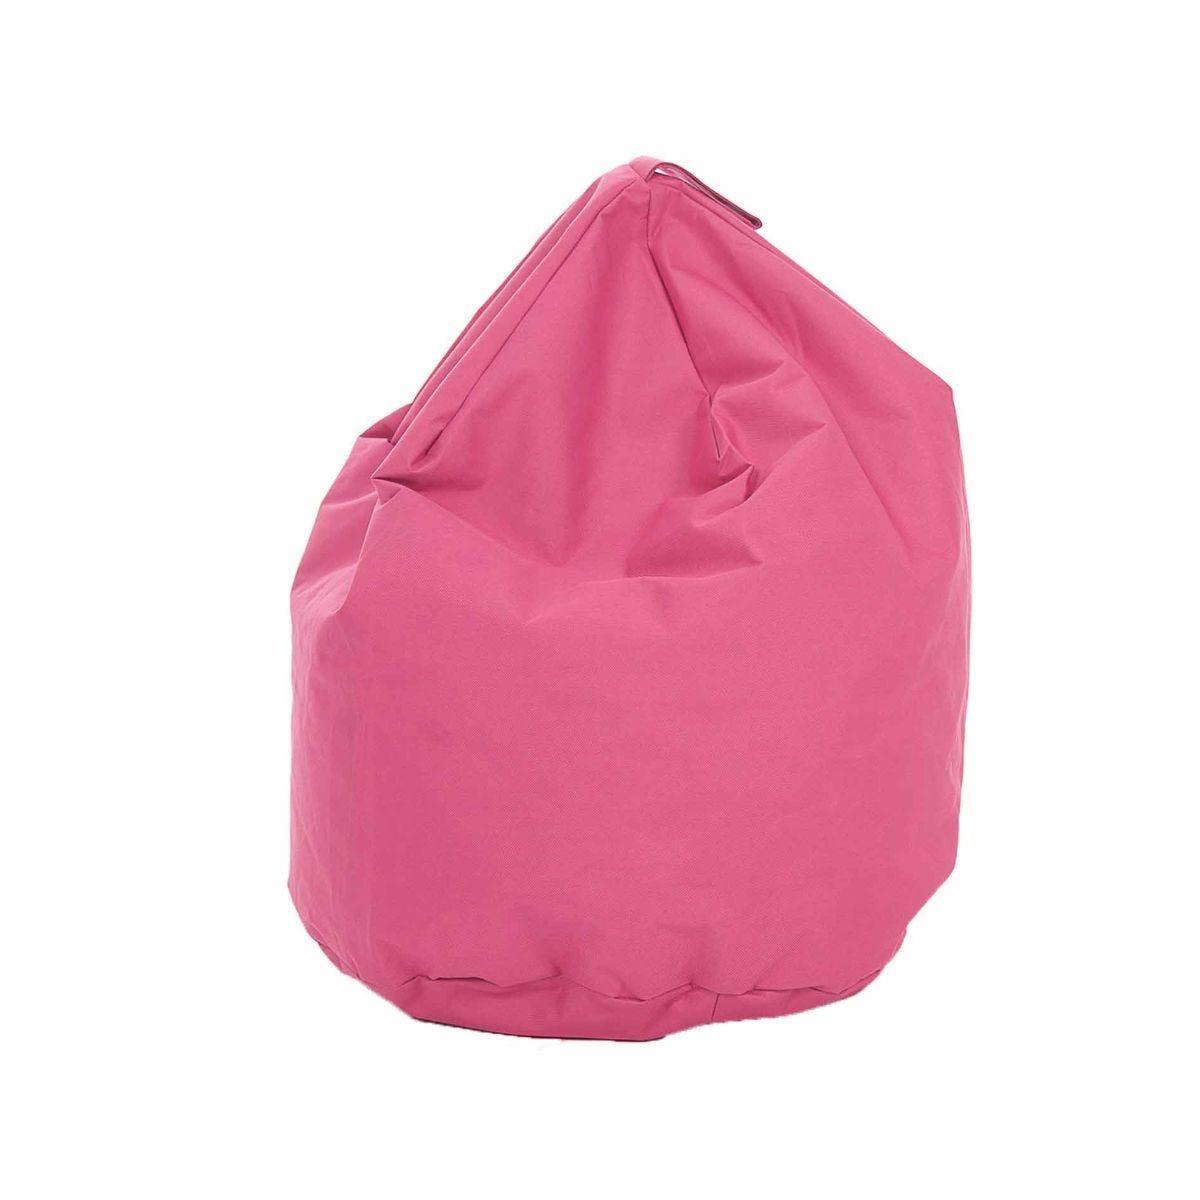 Kaikoo Large Beanbag Pink